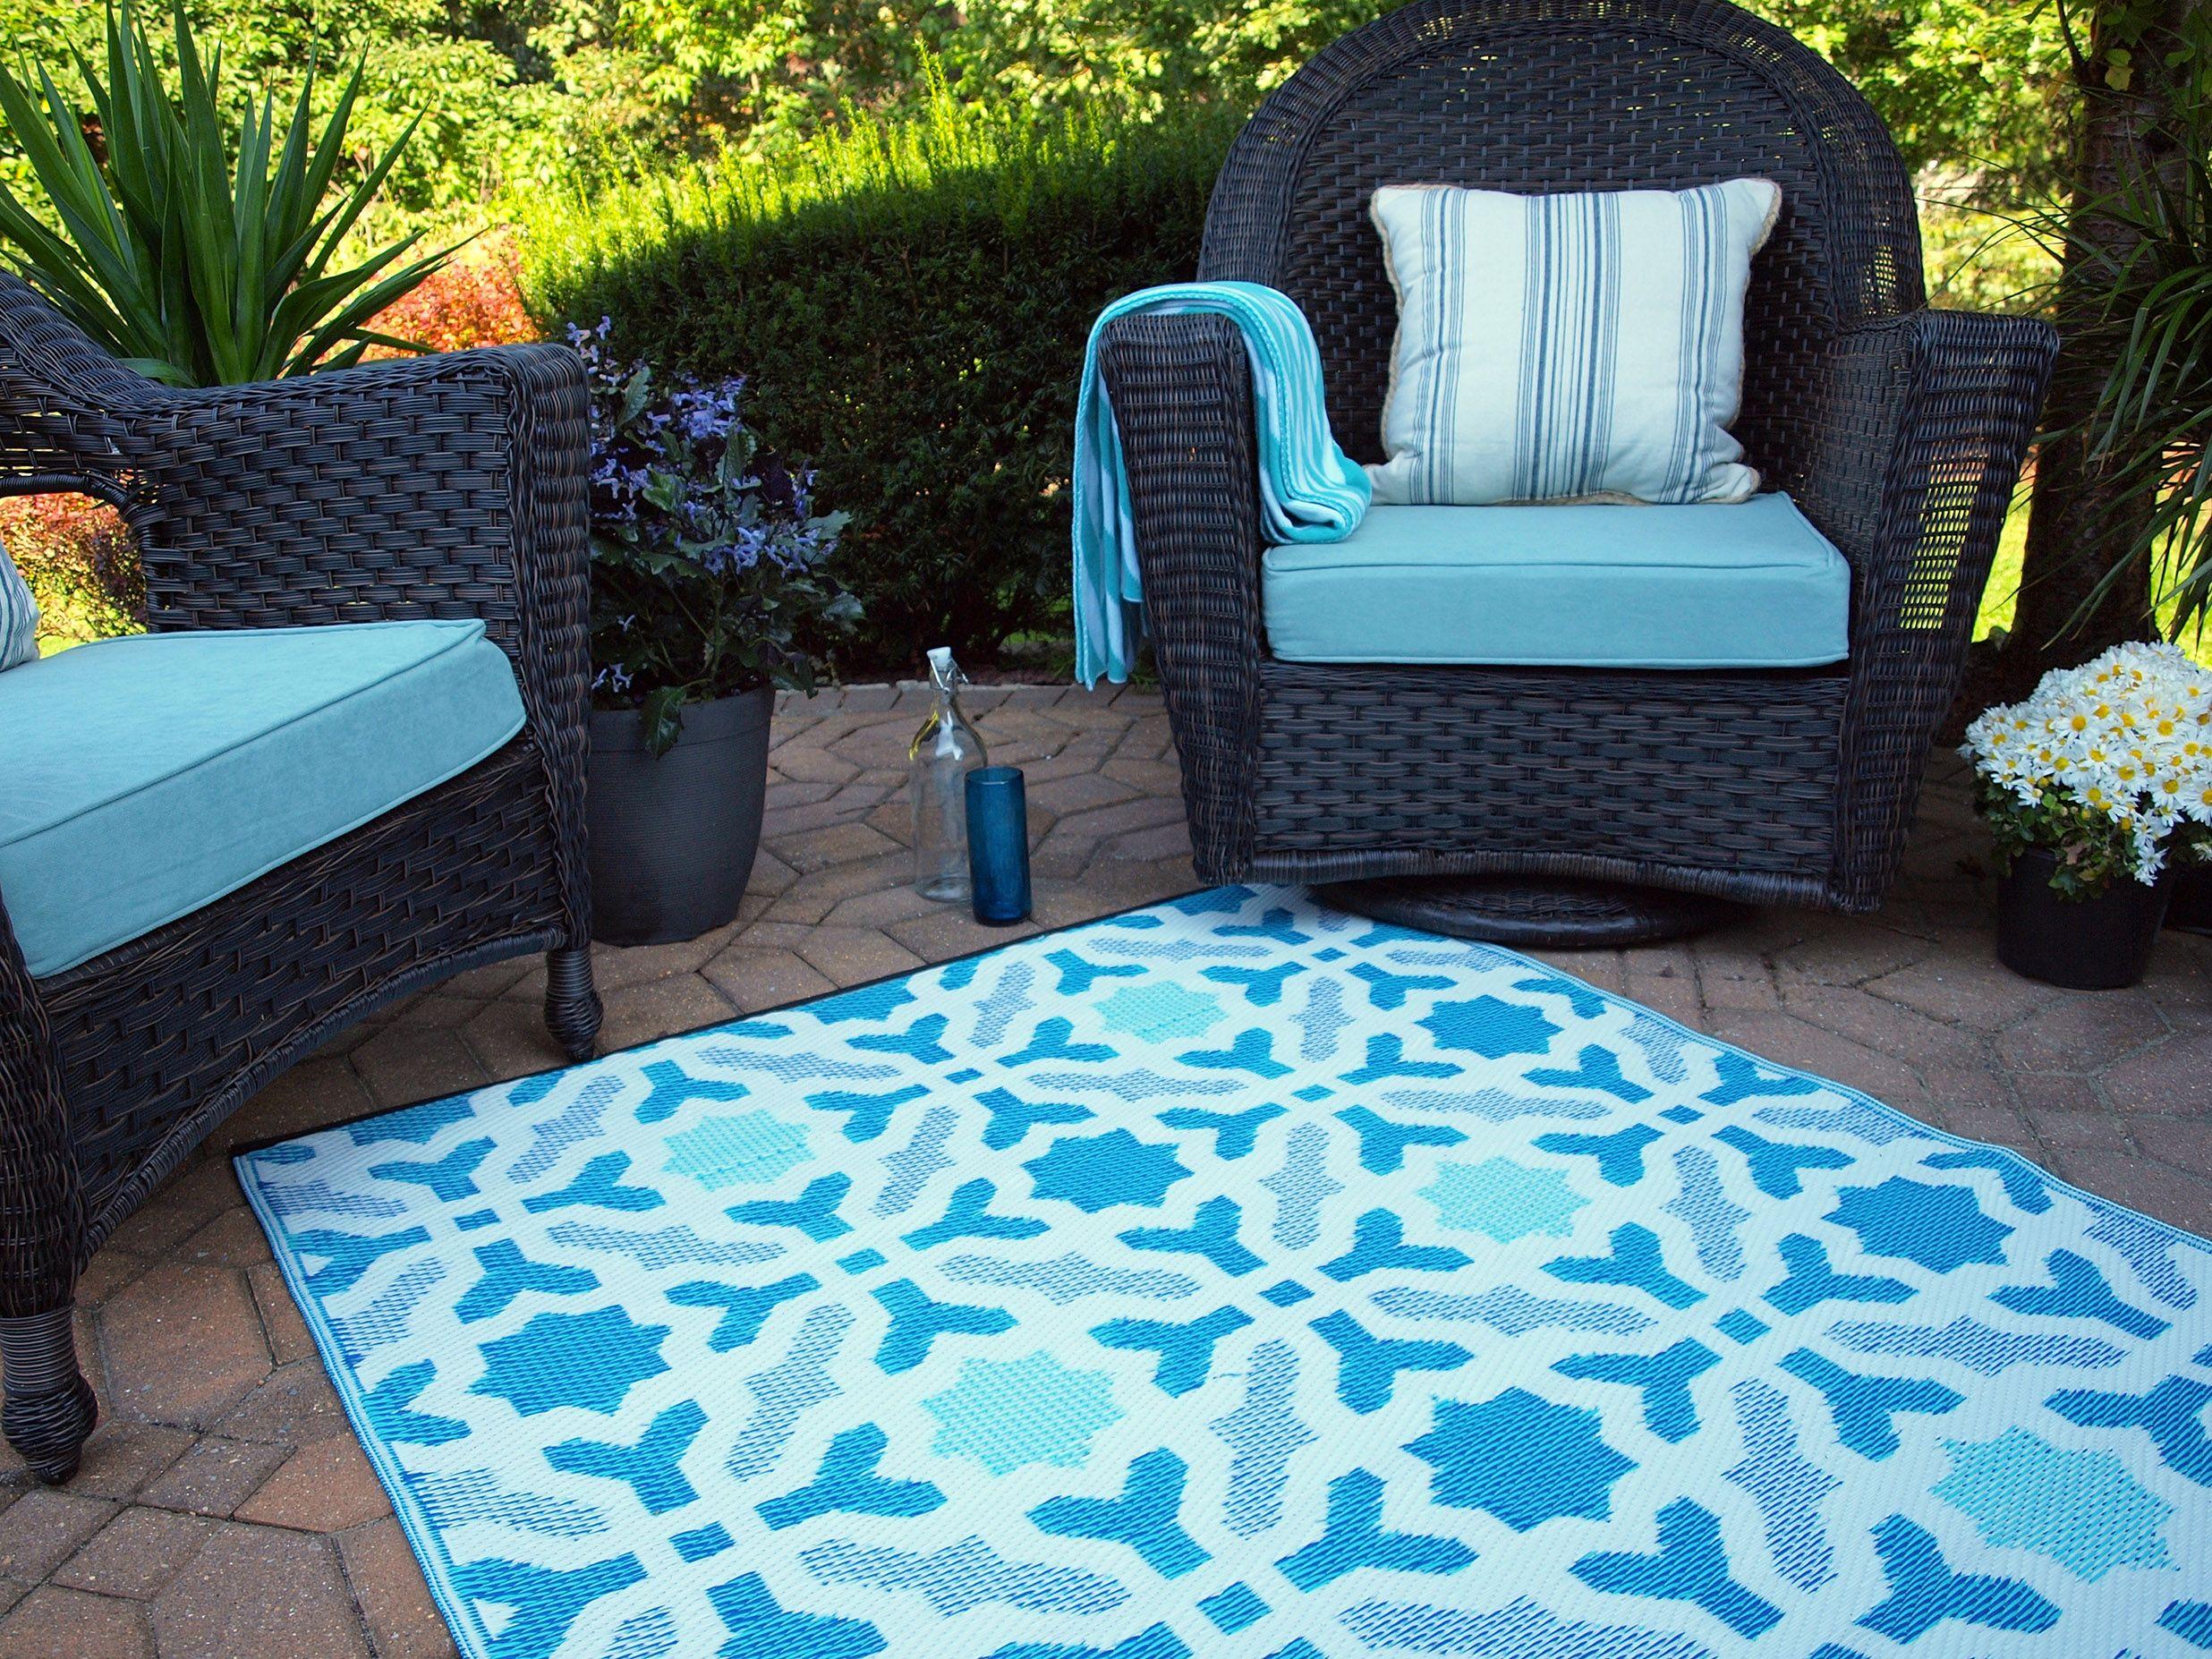 Blue Seville Outdoor Rug By Fab Habitat From Cuckooland Com Garden